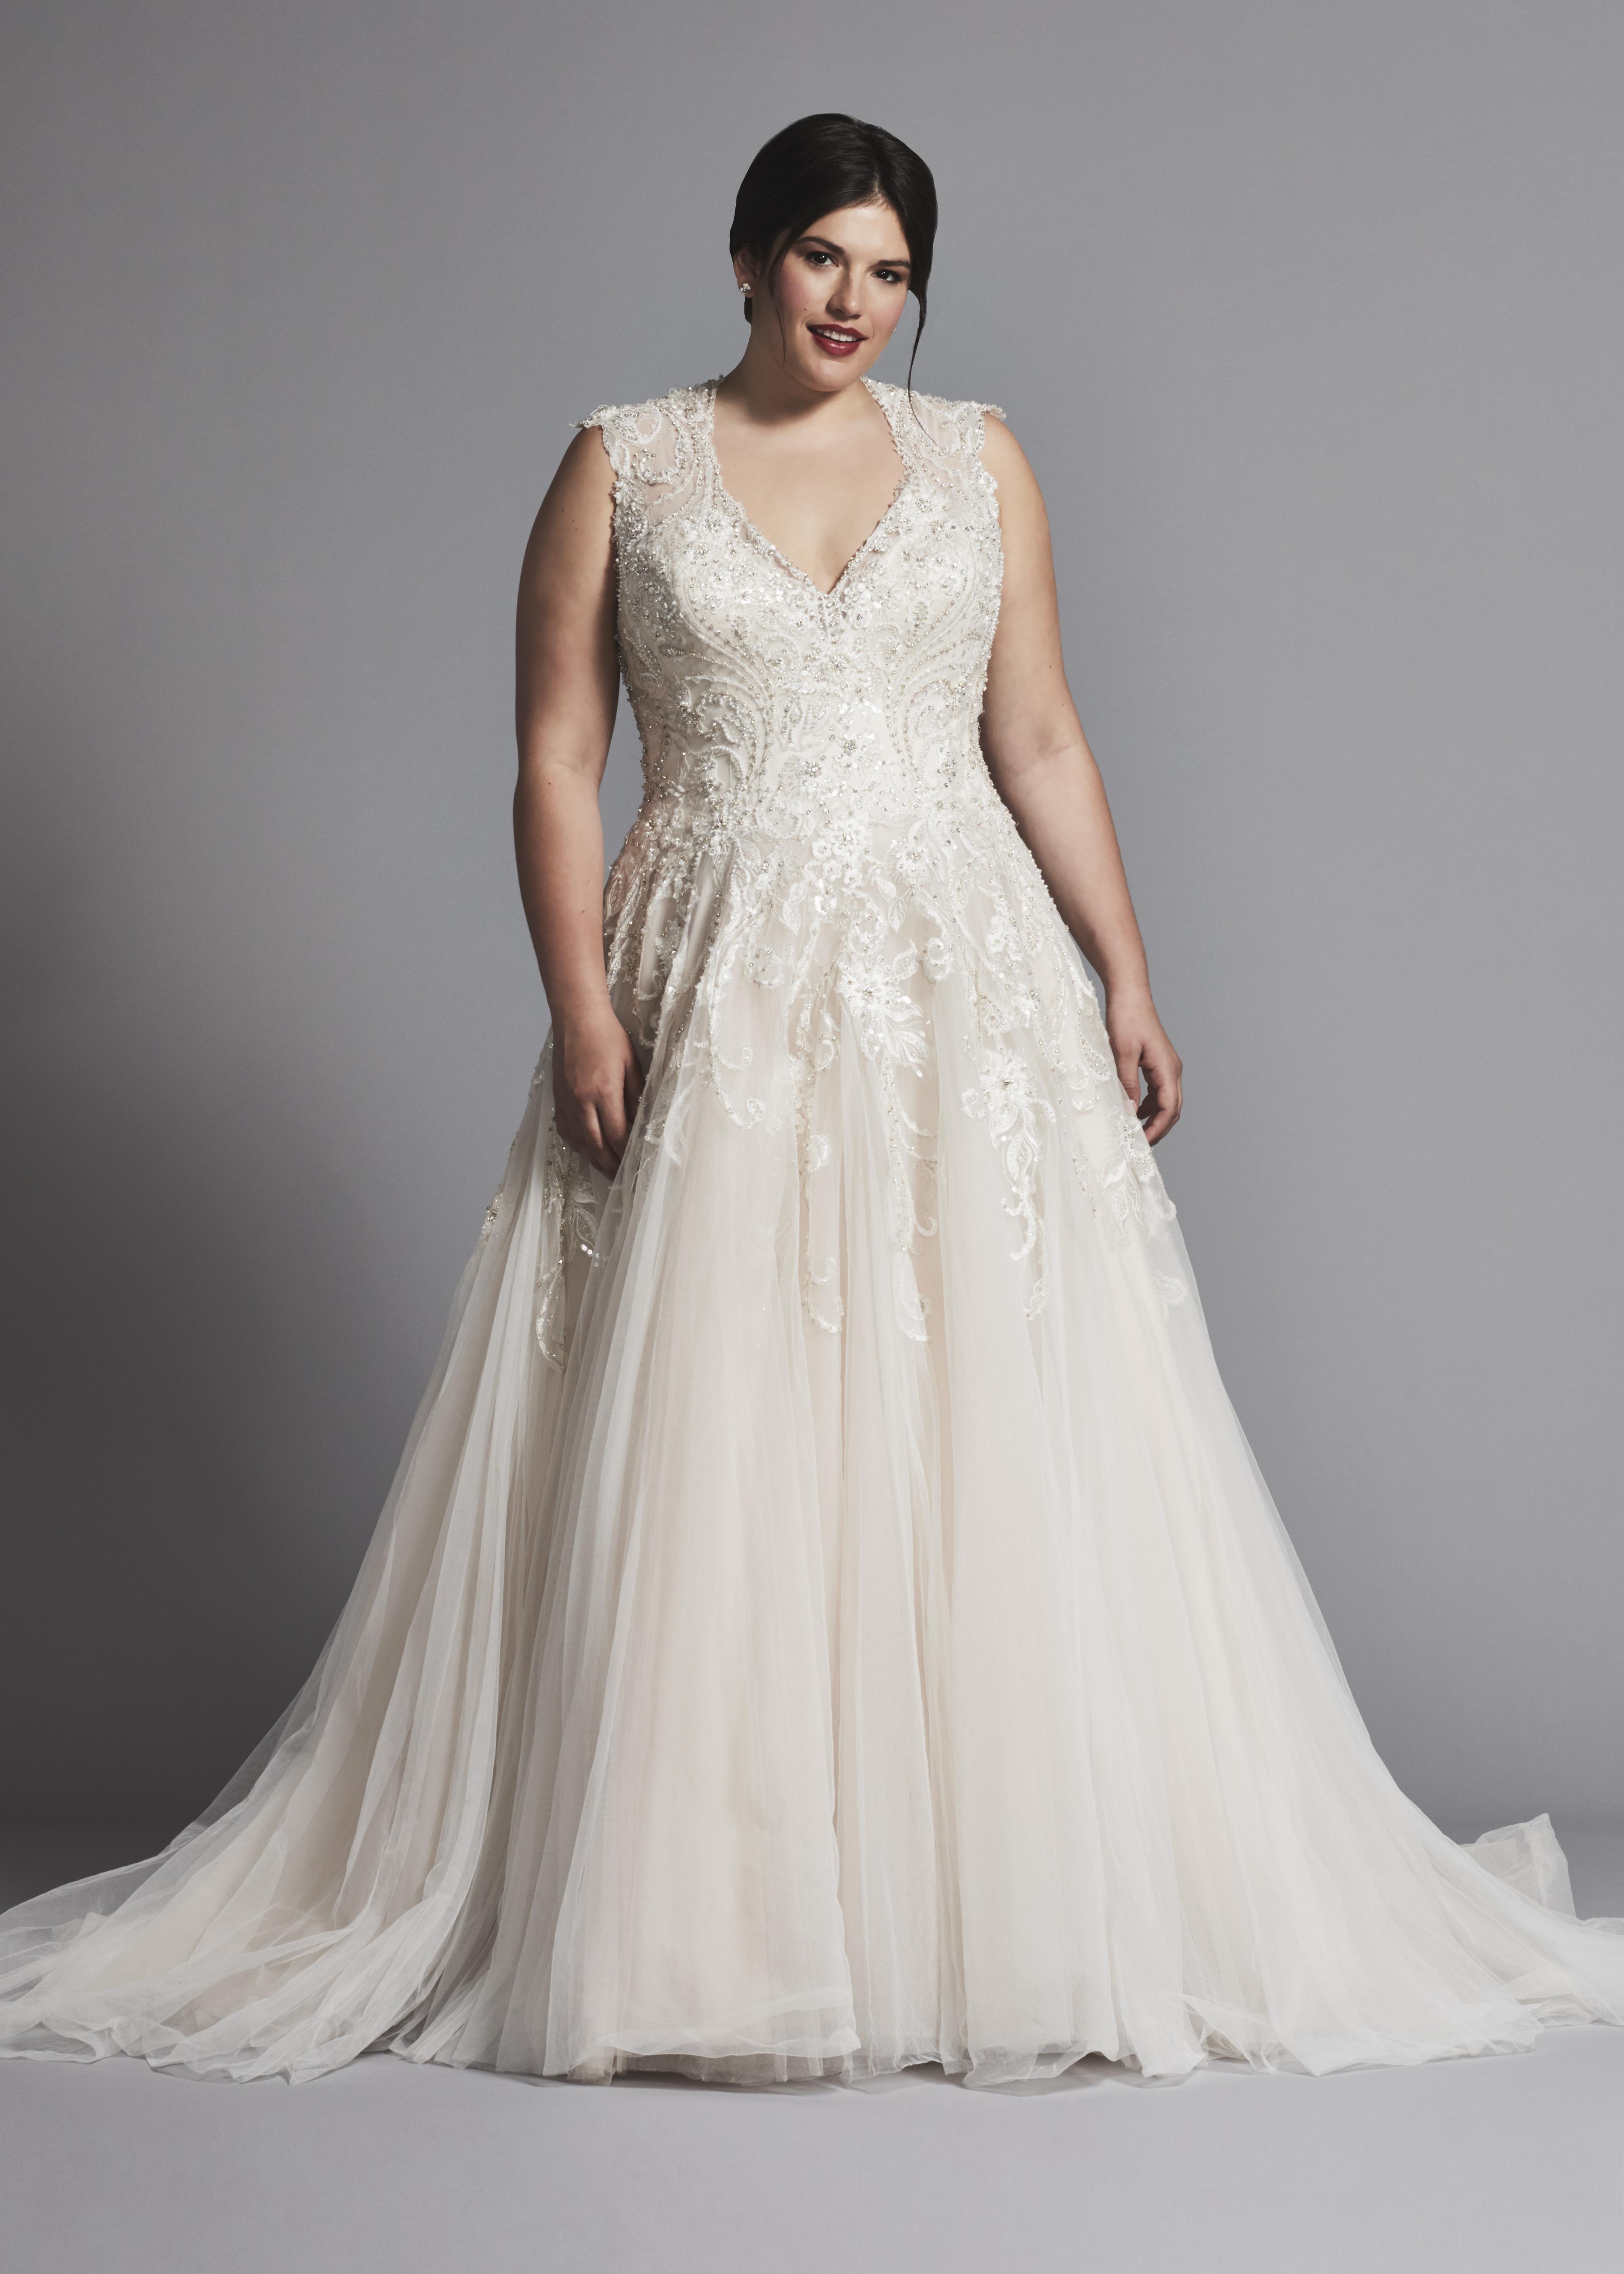 Sleeveless V-neck Tulle A-line Wedding Dress | Kleinfeld Bridal